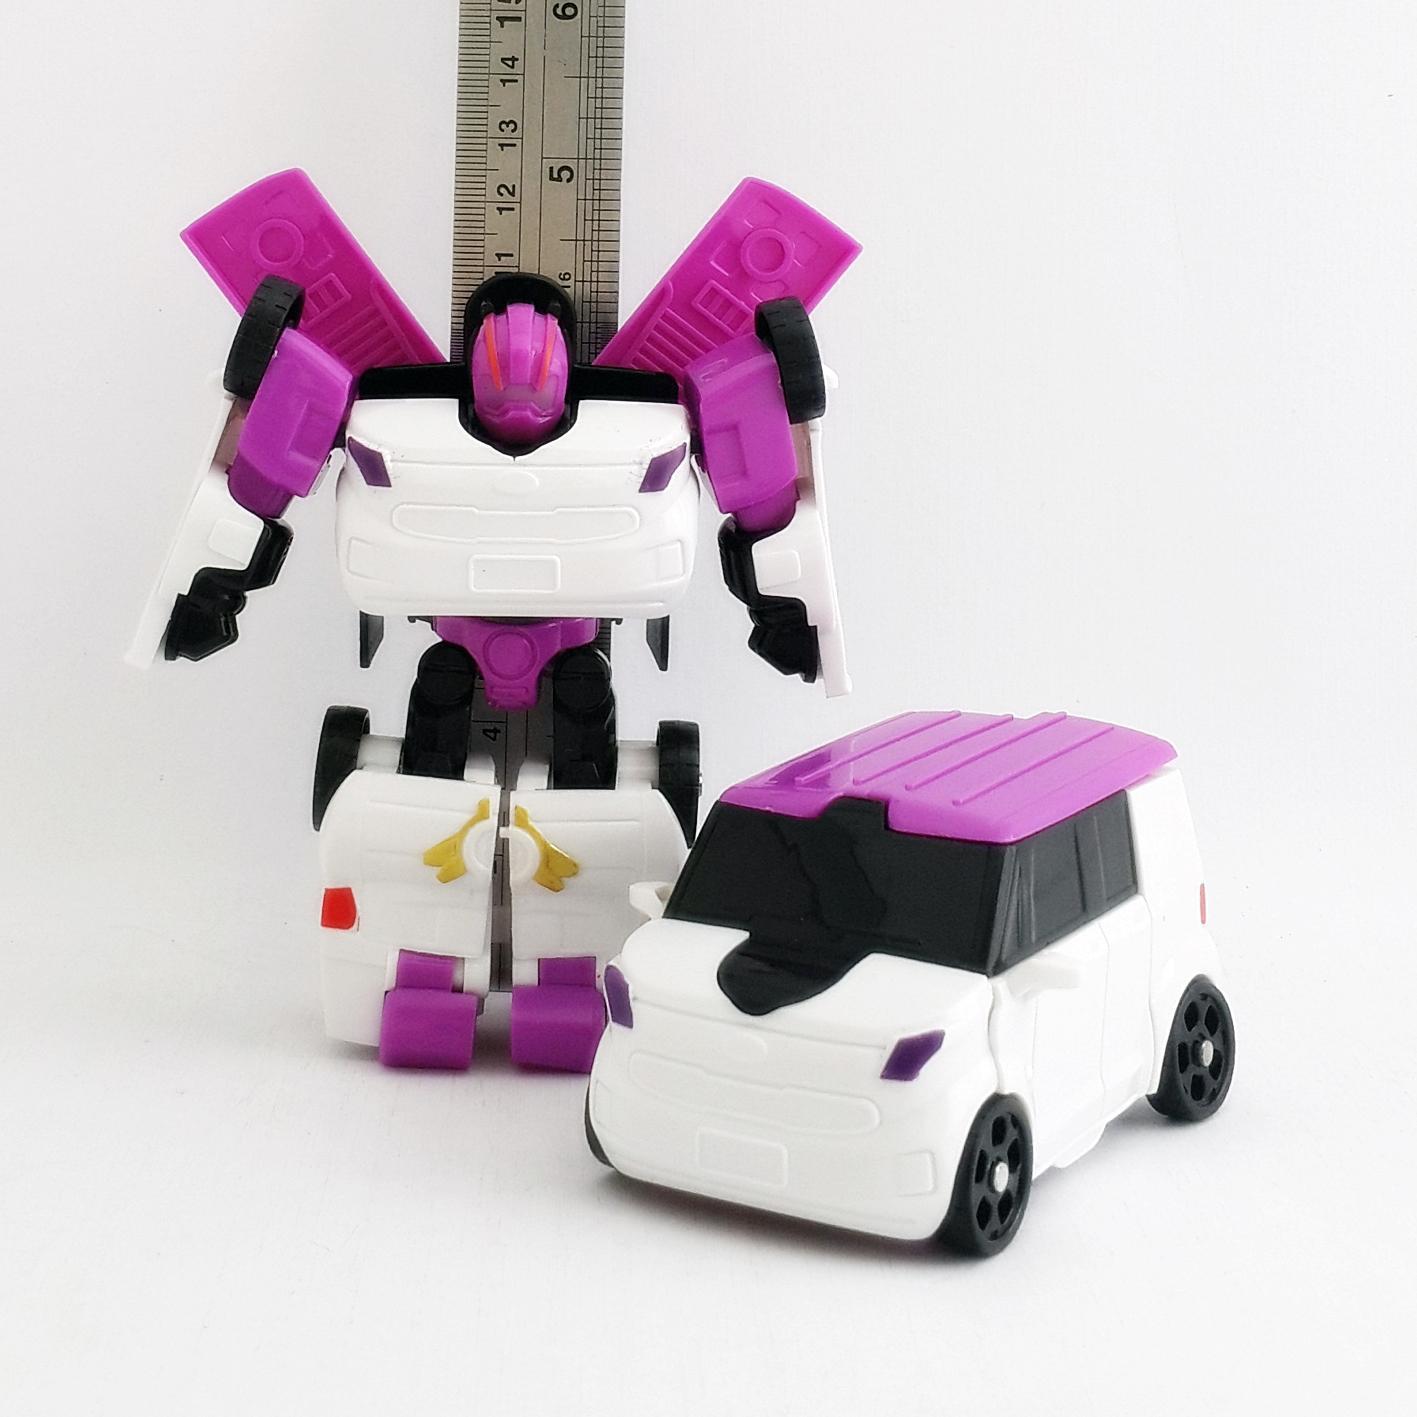 Mainan Tobot Terbaru Mini Maianan Robot Bisa Jadi Mobil Transform